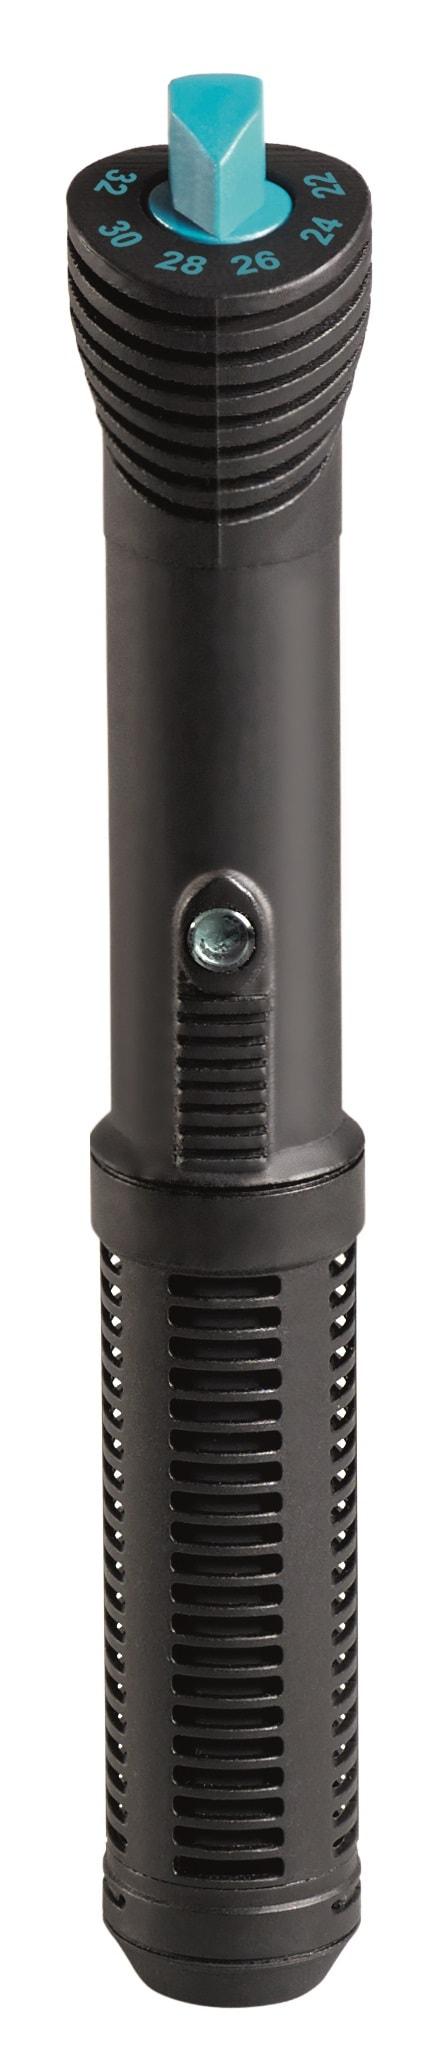 NEWA Therm Next 100W chauffage avec thermostat haute précision pour aquarium de 50 à 100 L